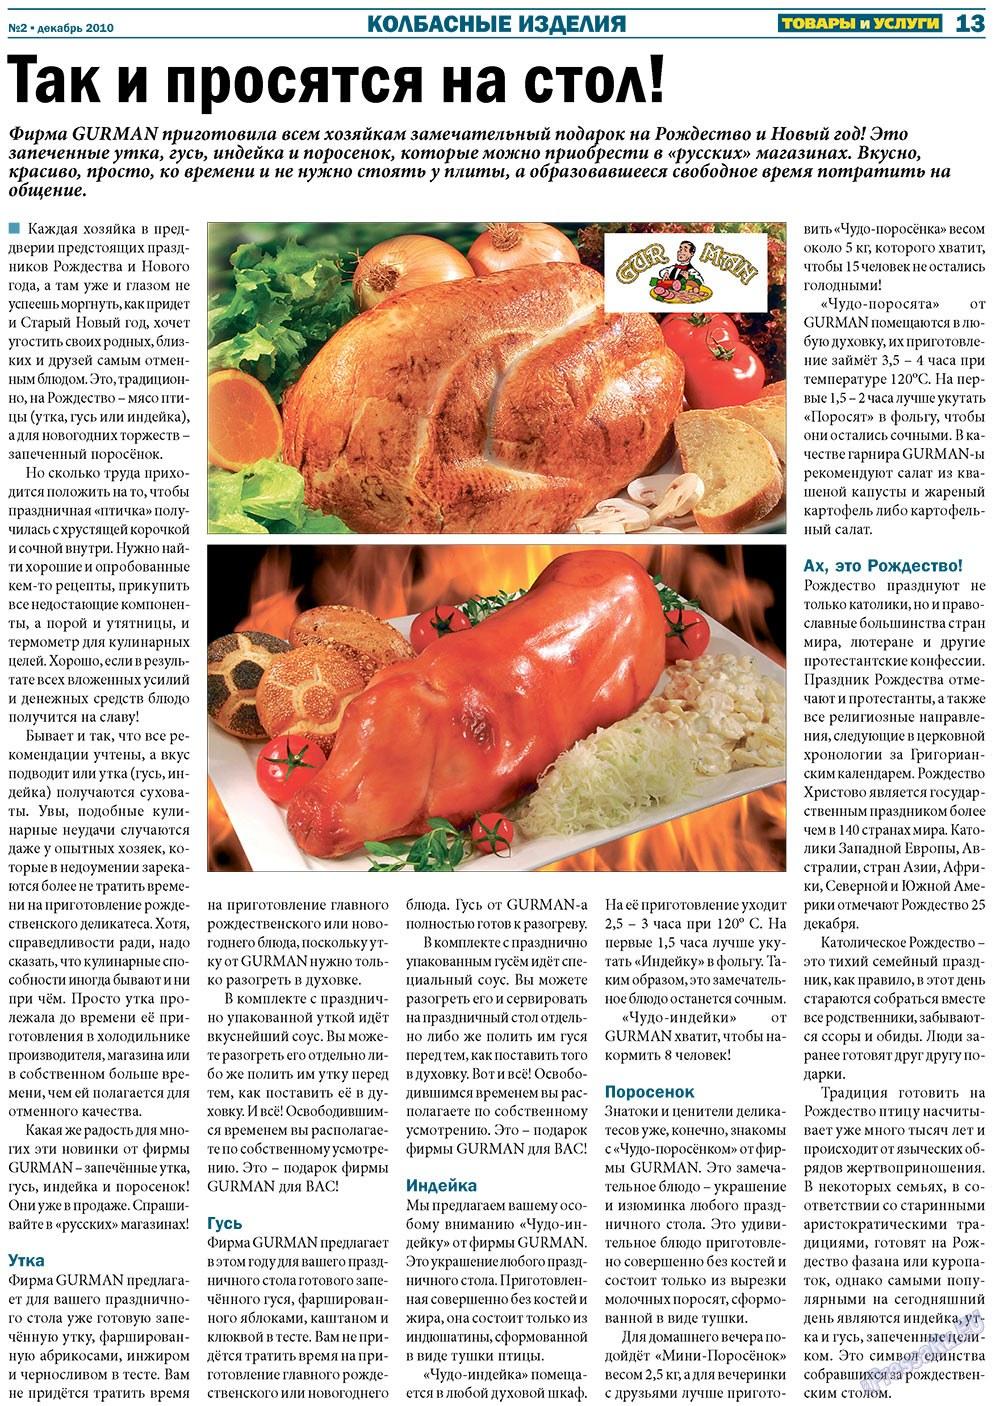 Товары и услуги (газета). 2010 год, номер 2, стр. 13